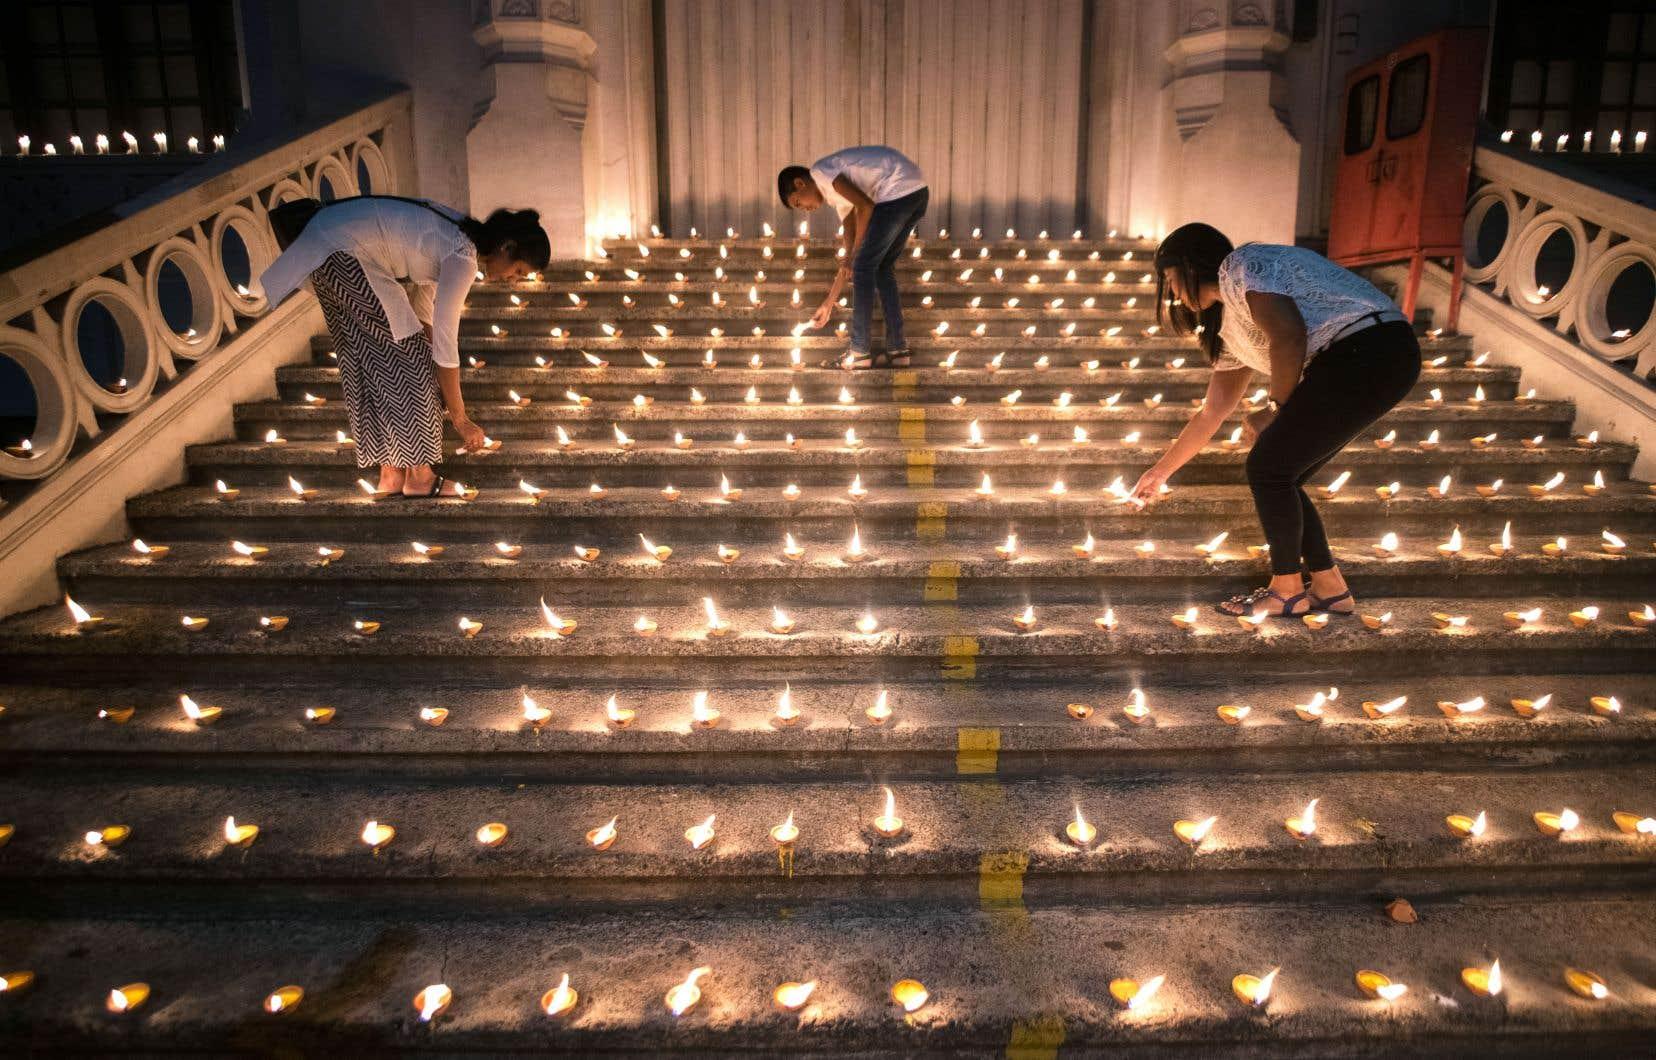 À Colombo, des bougies ont été allumées en hommage aux victimes des attentats survenus la semaine dernière.